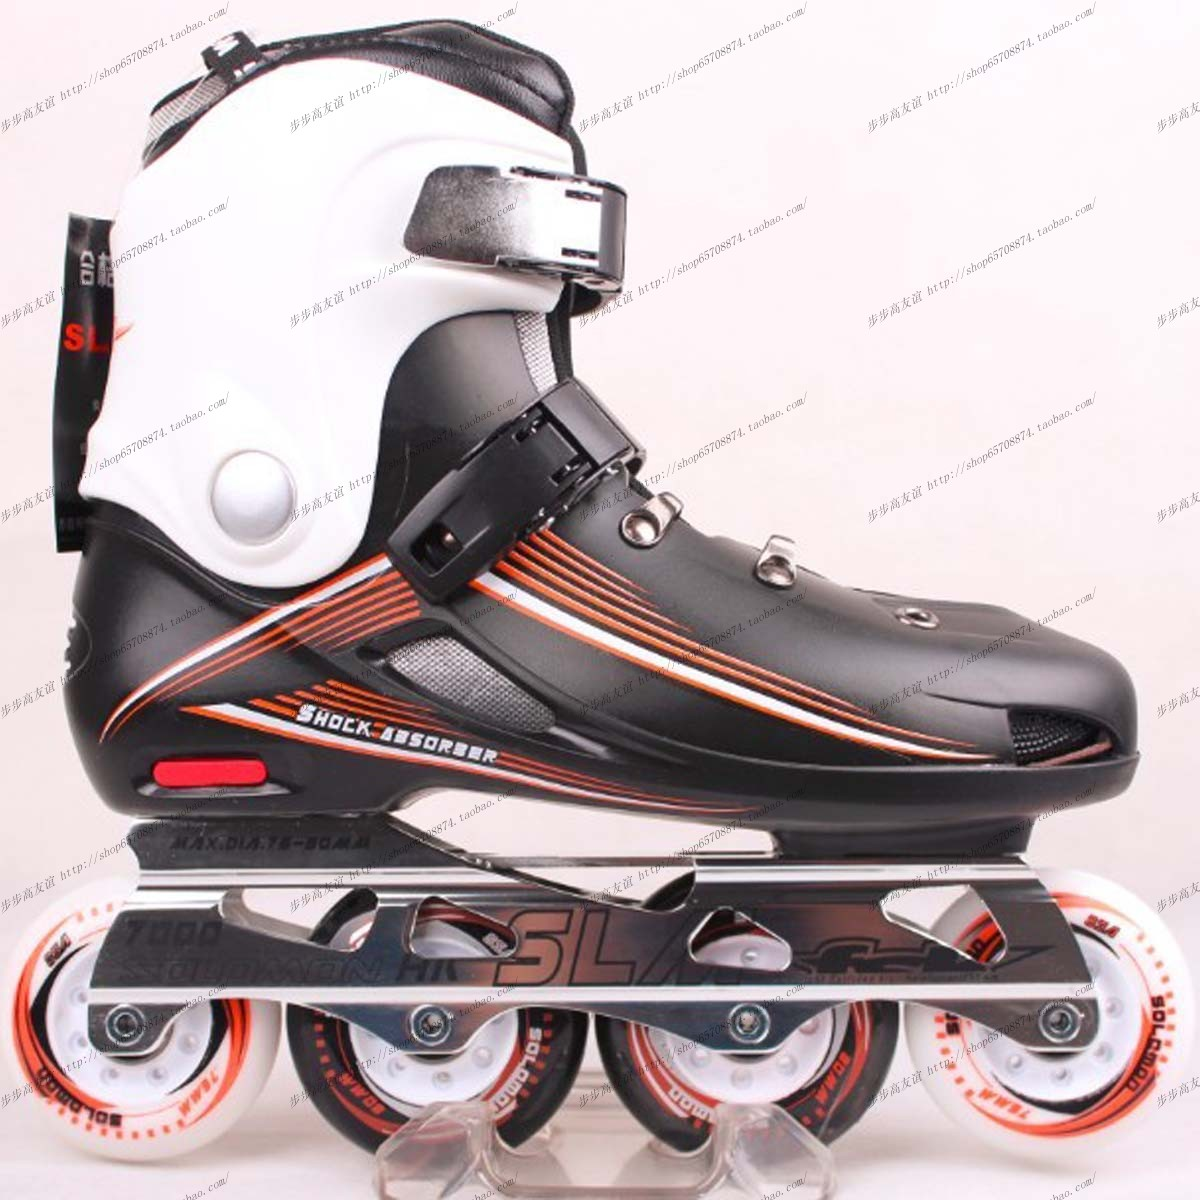 香港所罗门slm轮滑鞋直排轮男女滑冰鞋正品 轮滑鞋 成年人平花鞋商品